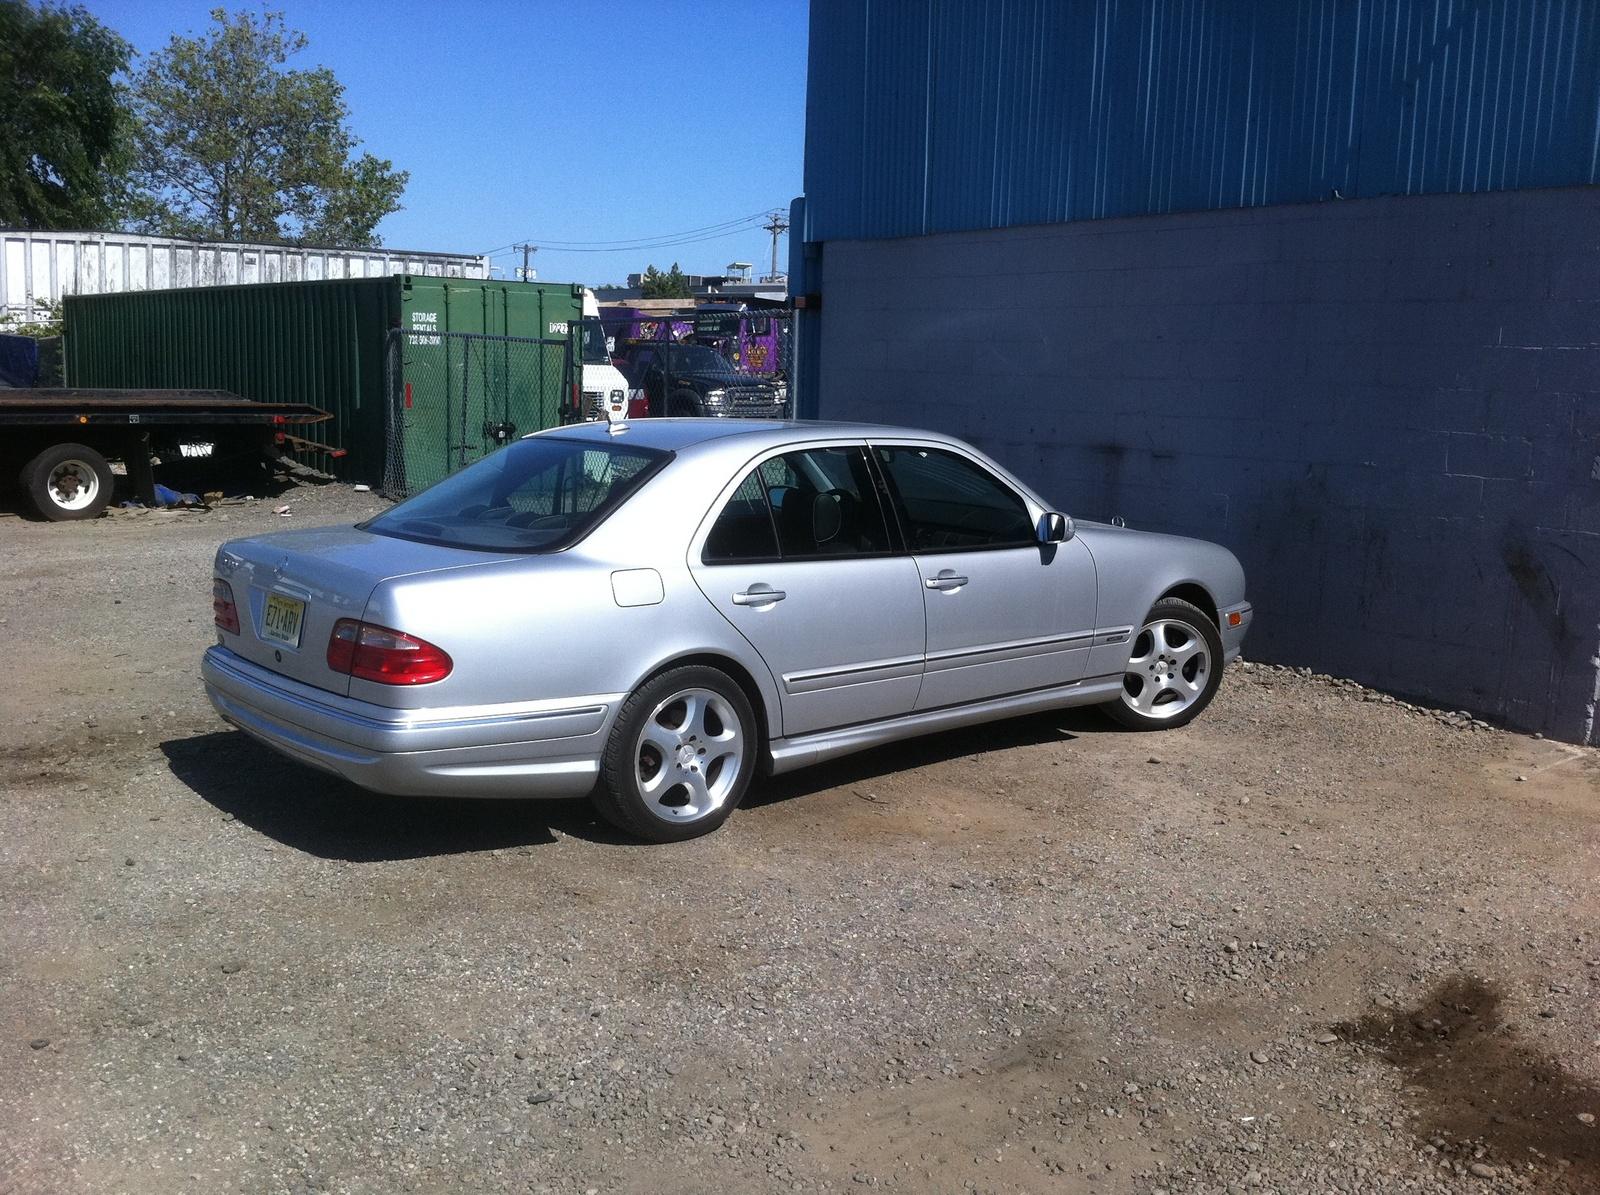 Picture of 2001 mercedes benz e class e430 exterior for Mercedes benz 2001 e430